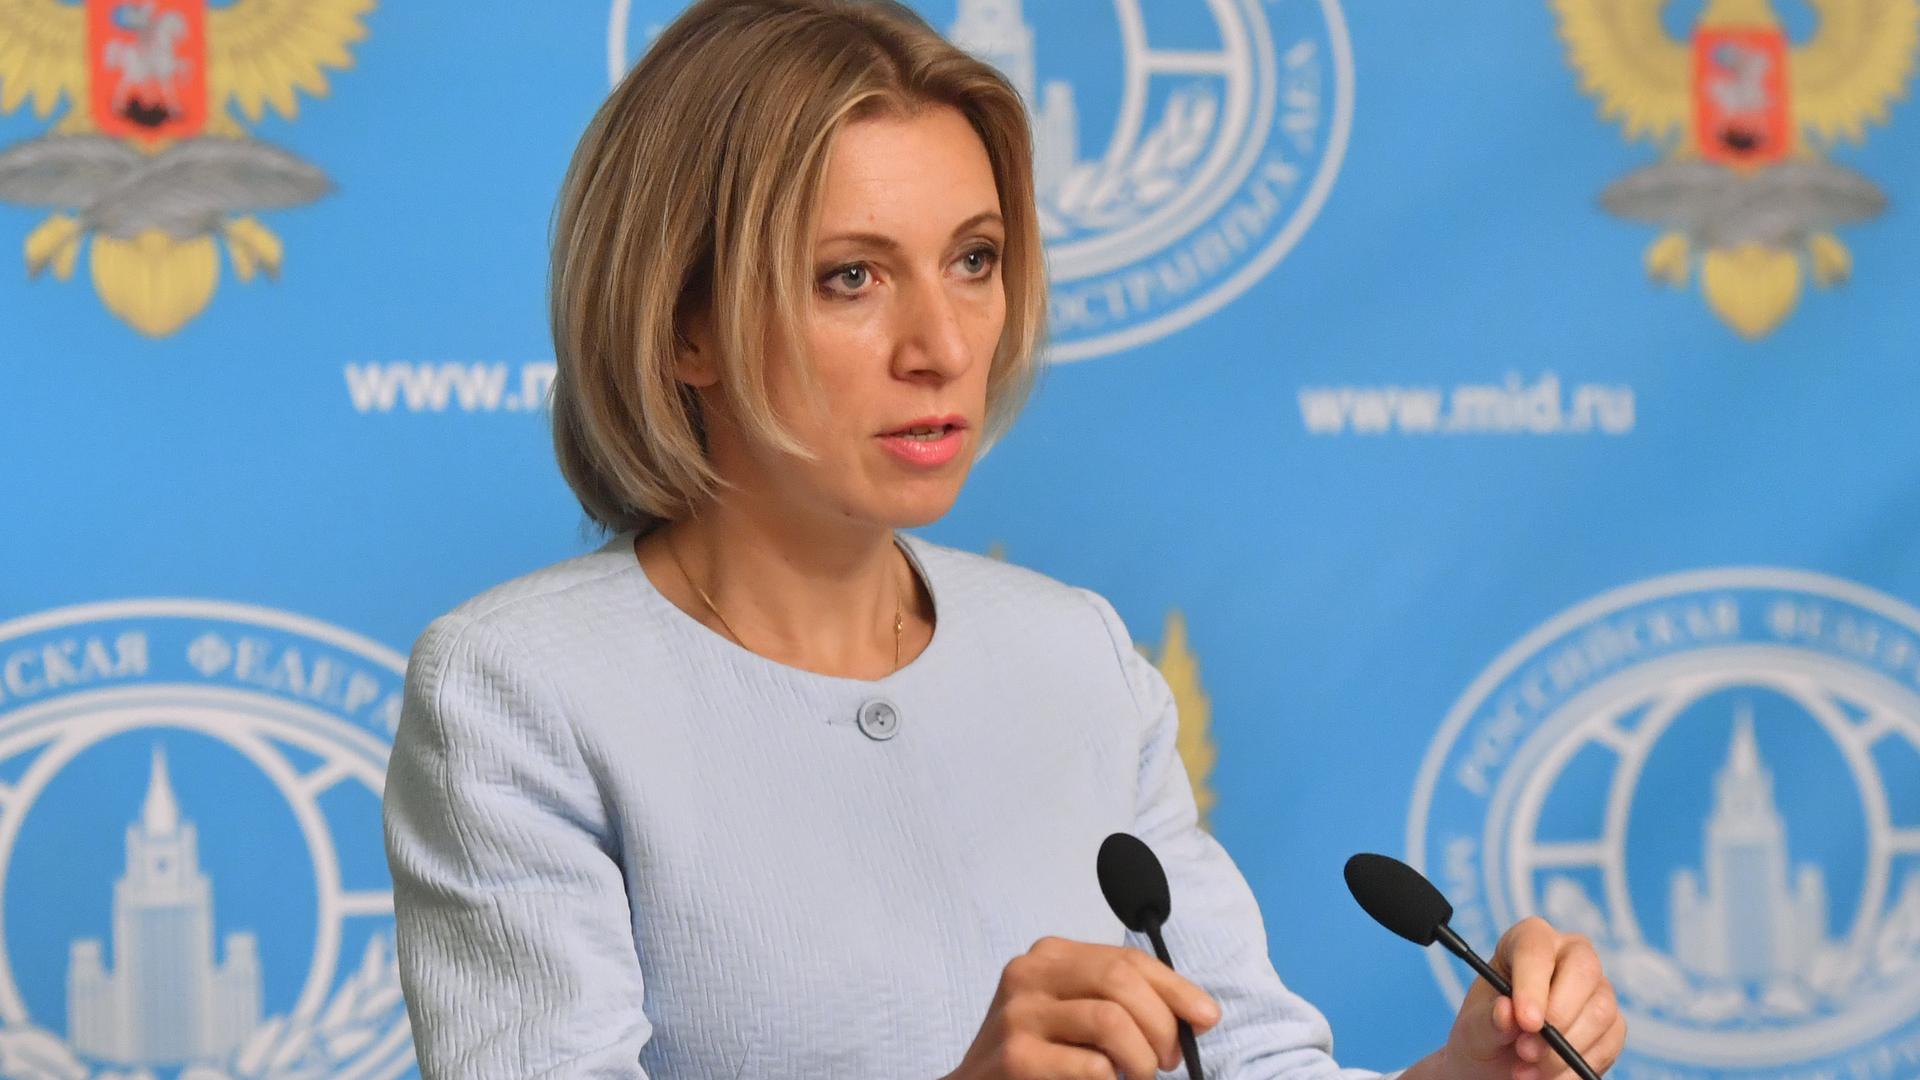 Мария Захарова — об эстафетной палочке, химическом оружии и выборах в Госдуму